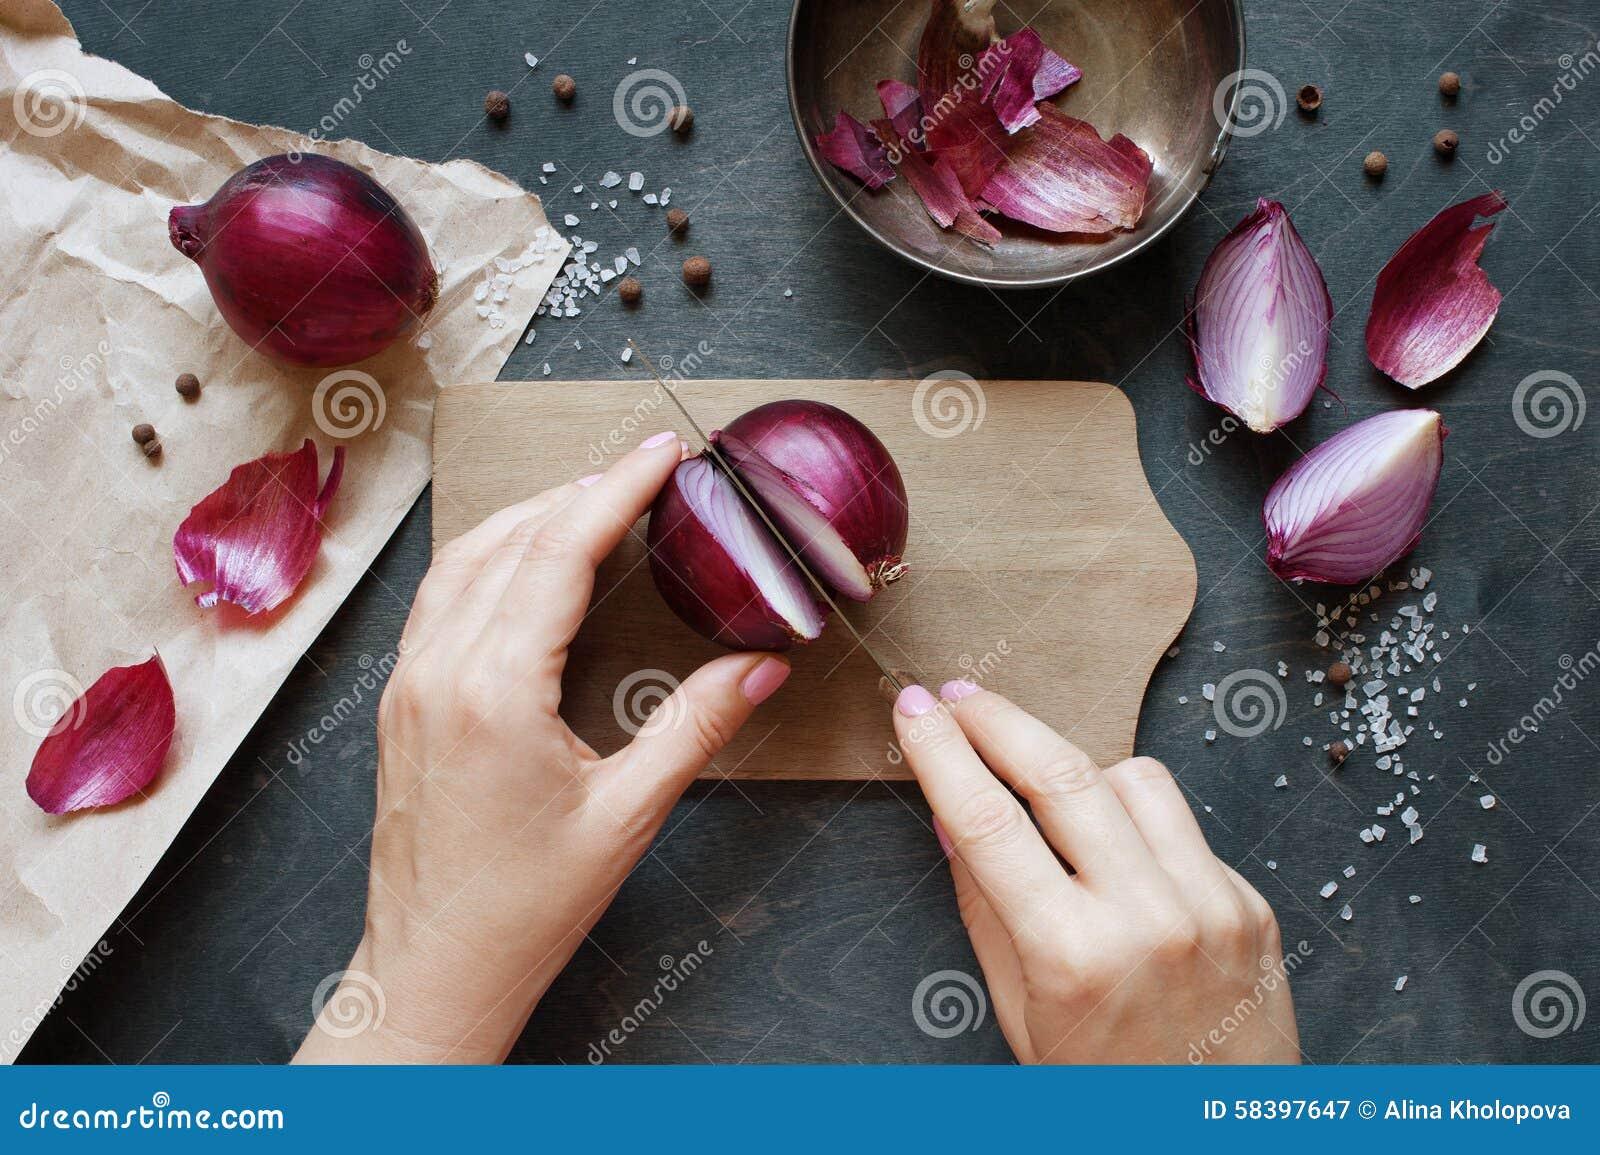 Hand geschnittene rote Zwiebel